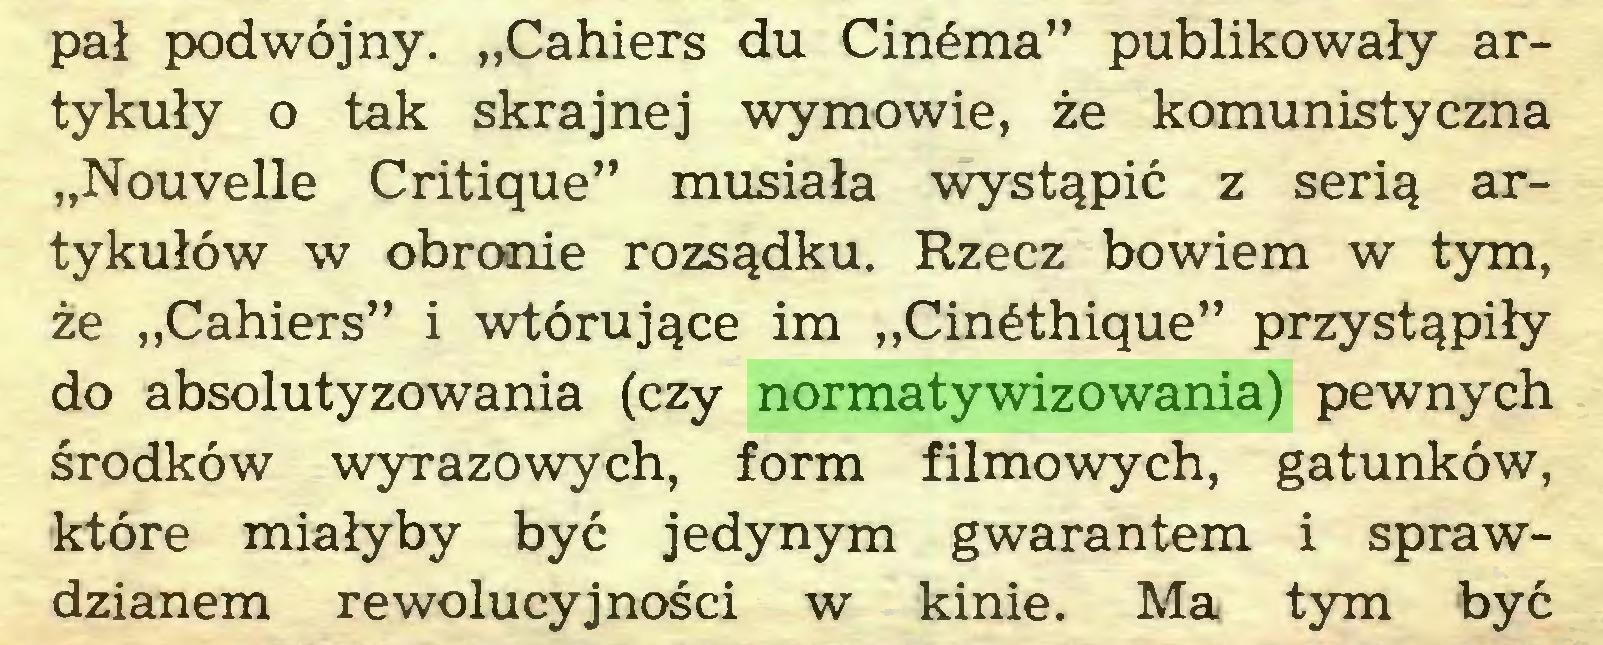 """(...) pał podwójny. """"Cahiers du Cinéma"""" publikowały artykuły o tak skrajnej wymowie, że komunistyczna """"Nouvelle Critique"""" musiała wystąpić z serią artykułów w obronie rozsądku. Rzecz bowiem w tym, że """"Cahiers"""" i wtórujące im """"Cinéthique"""" przystąpiły do absolutyzowania (czy normatywizowania) pewnych środków wyrazowych, form filmowych, gatunków, które miałyby być jedynym gwarantem i sprawdzianem rewolucyjności w kinie. Ma tym być..."""